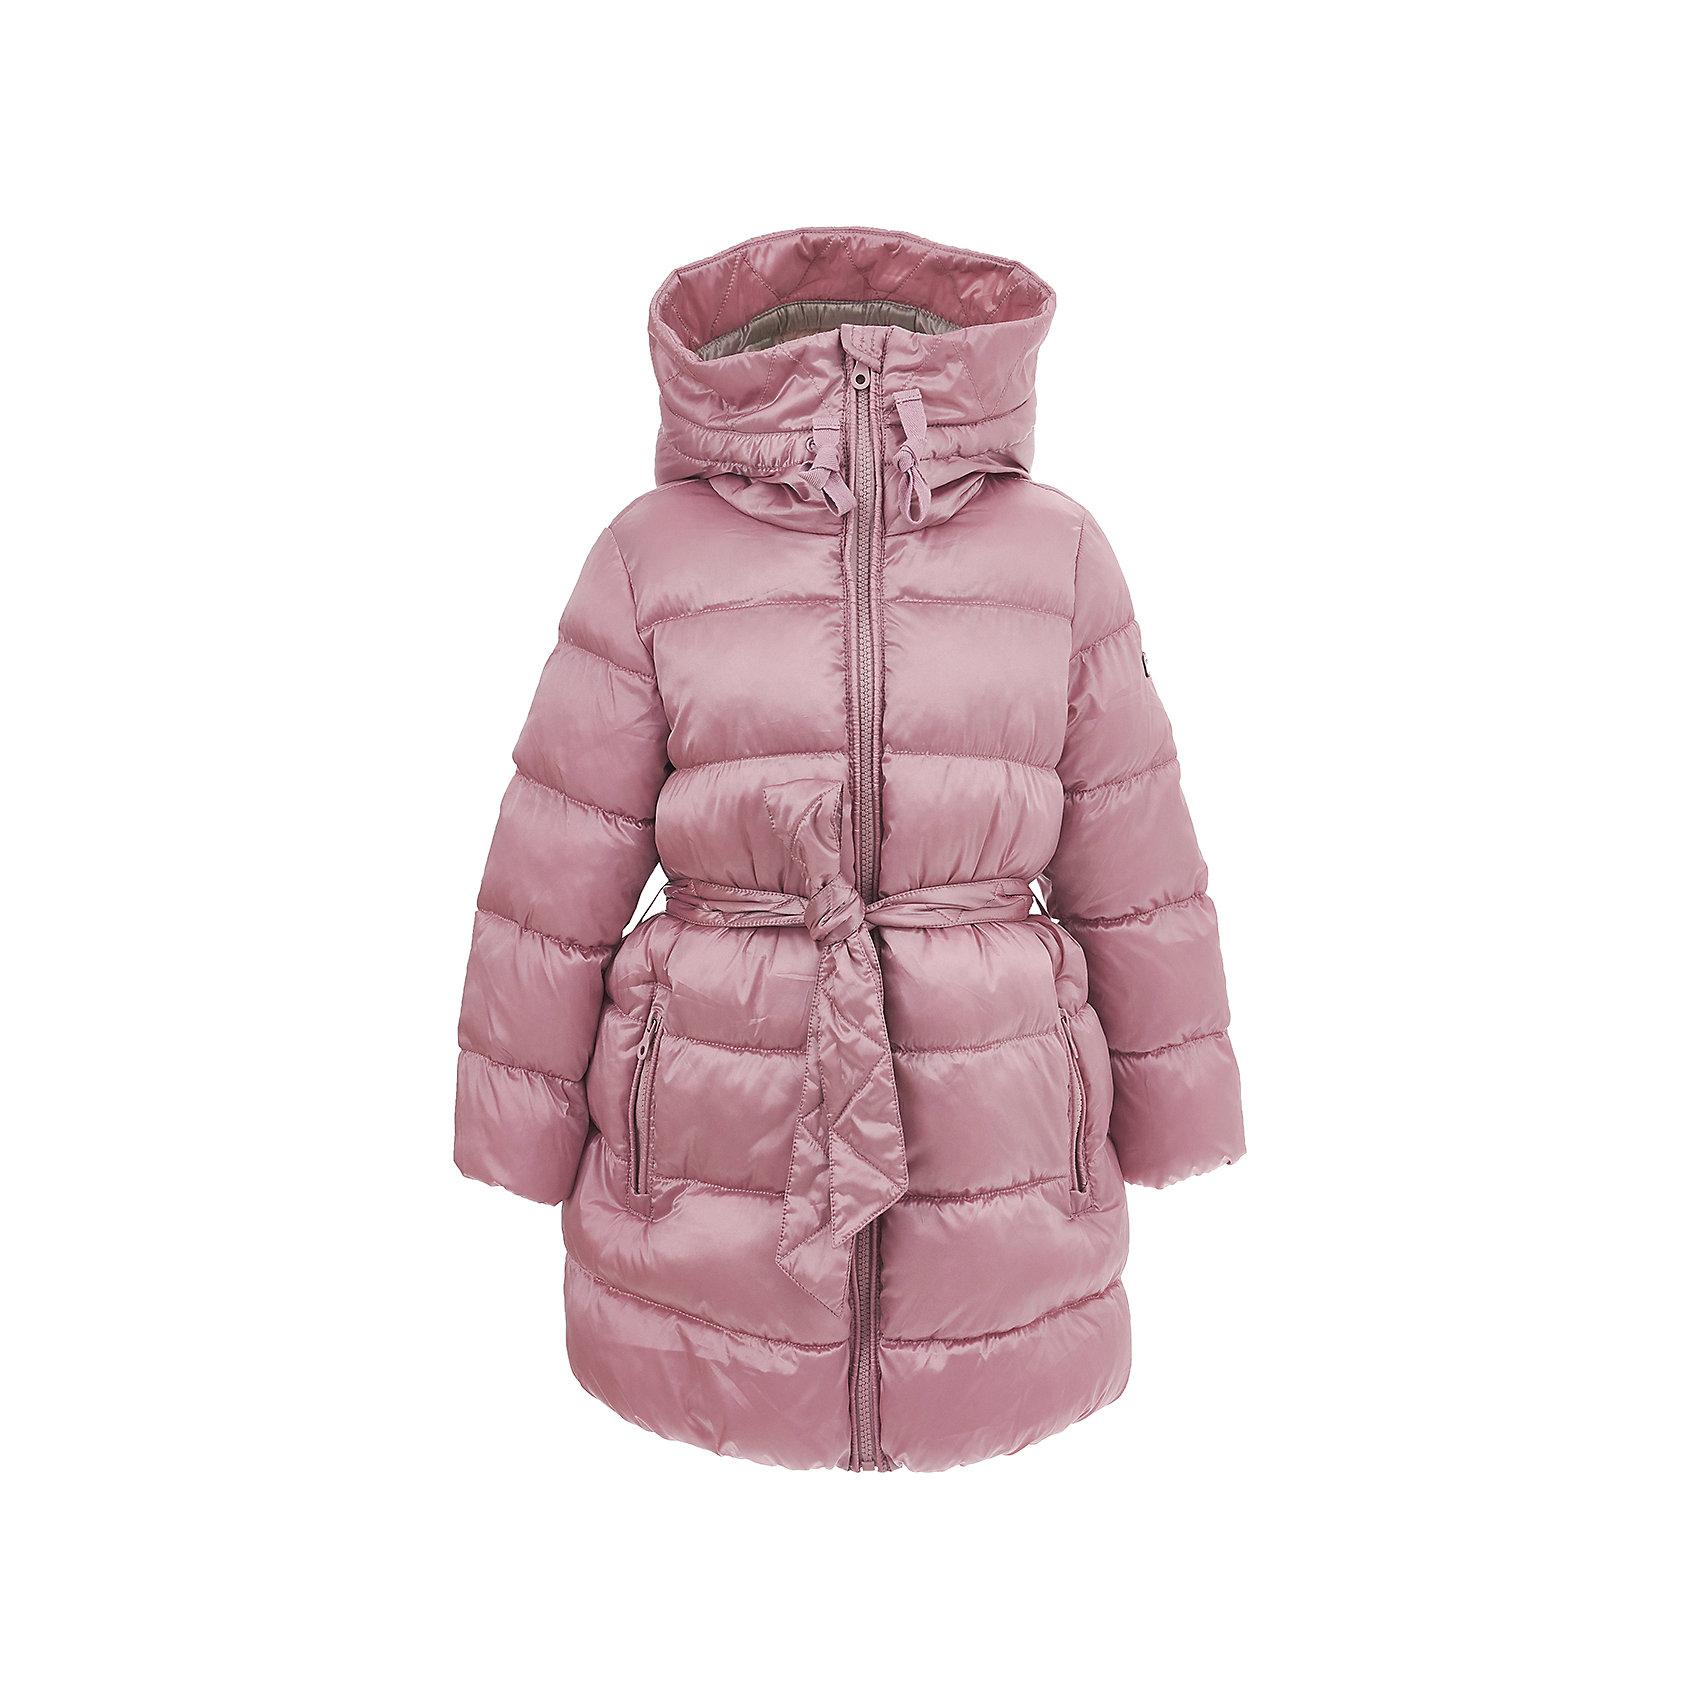 Полупальто BUTTON BLUE для девочкиВерхняя одежда<br>Полупальто BUTTON BLUE для девочки<br>В преддверии осенней сырости и холодов главная задача родителей - купить детское пальто или хорошую куртку! Всех, кто хочет купить пальто недорого, часто ожидает разочарование... Но если вы формируете функциональный детский гардероб от Button Blue, вам это не грозит! Прекрасное демисезонное пальто для девочки от Button Blue - залог хорошего настроения в холодный осенний день! Лаконичный дизайн, модный цвет, комфортная форма, оптимальная длина делают пальто стильным, привлекательным и удобным в повседневной носке.<br>Состав:<br>тк. верха:   55%полиэстер 45% нейлон,  Подкладка: 100% хлопок/100% полиэстер                                                           Утеплитель: 100% полиэстер( fake down )<br><br>Ширина мм: 356<br>Глубина мм: 10<br>Высота мм: 245<br>Вес г: 519<br>Цвет: розовый<br>Возраст от месяцев: 144<br>Возраст до месяцев: 156<br>Пол: Женский<br>Возраст: Детский<br>Размер: 158,98,104,110,116,122,128,134,140,146,152<br>SKU: 7037933